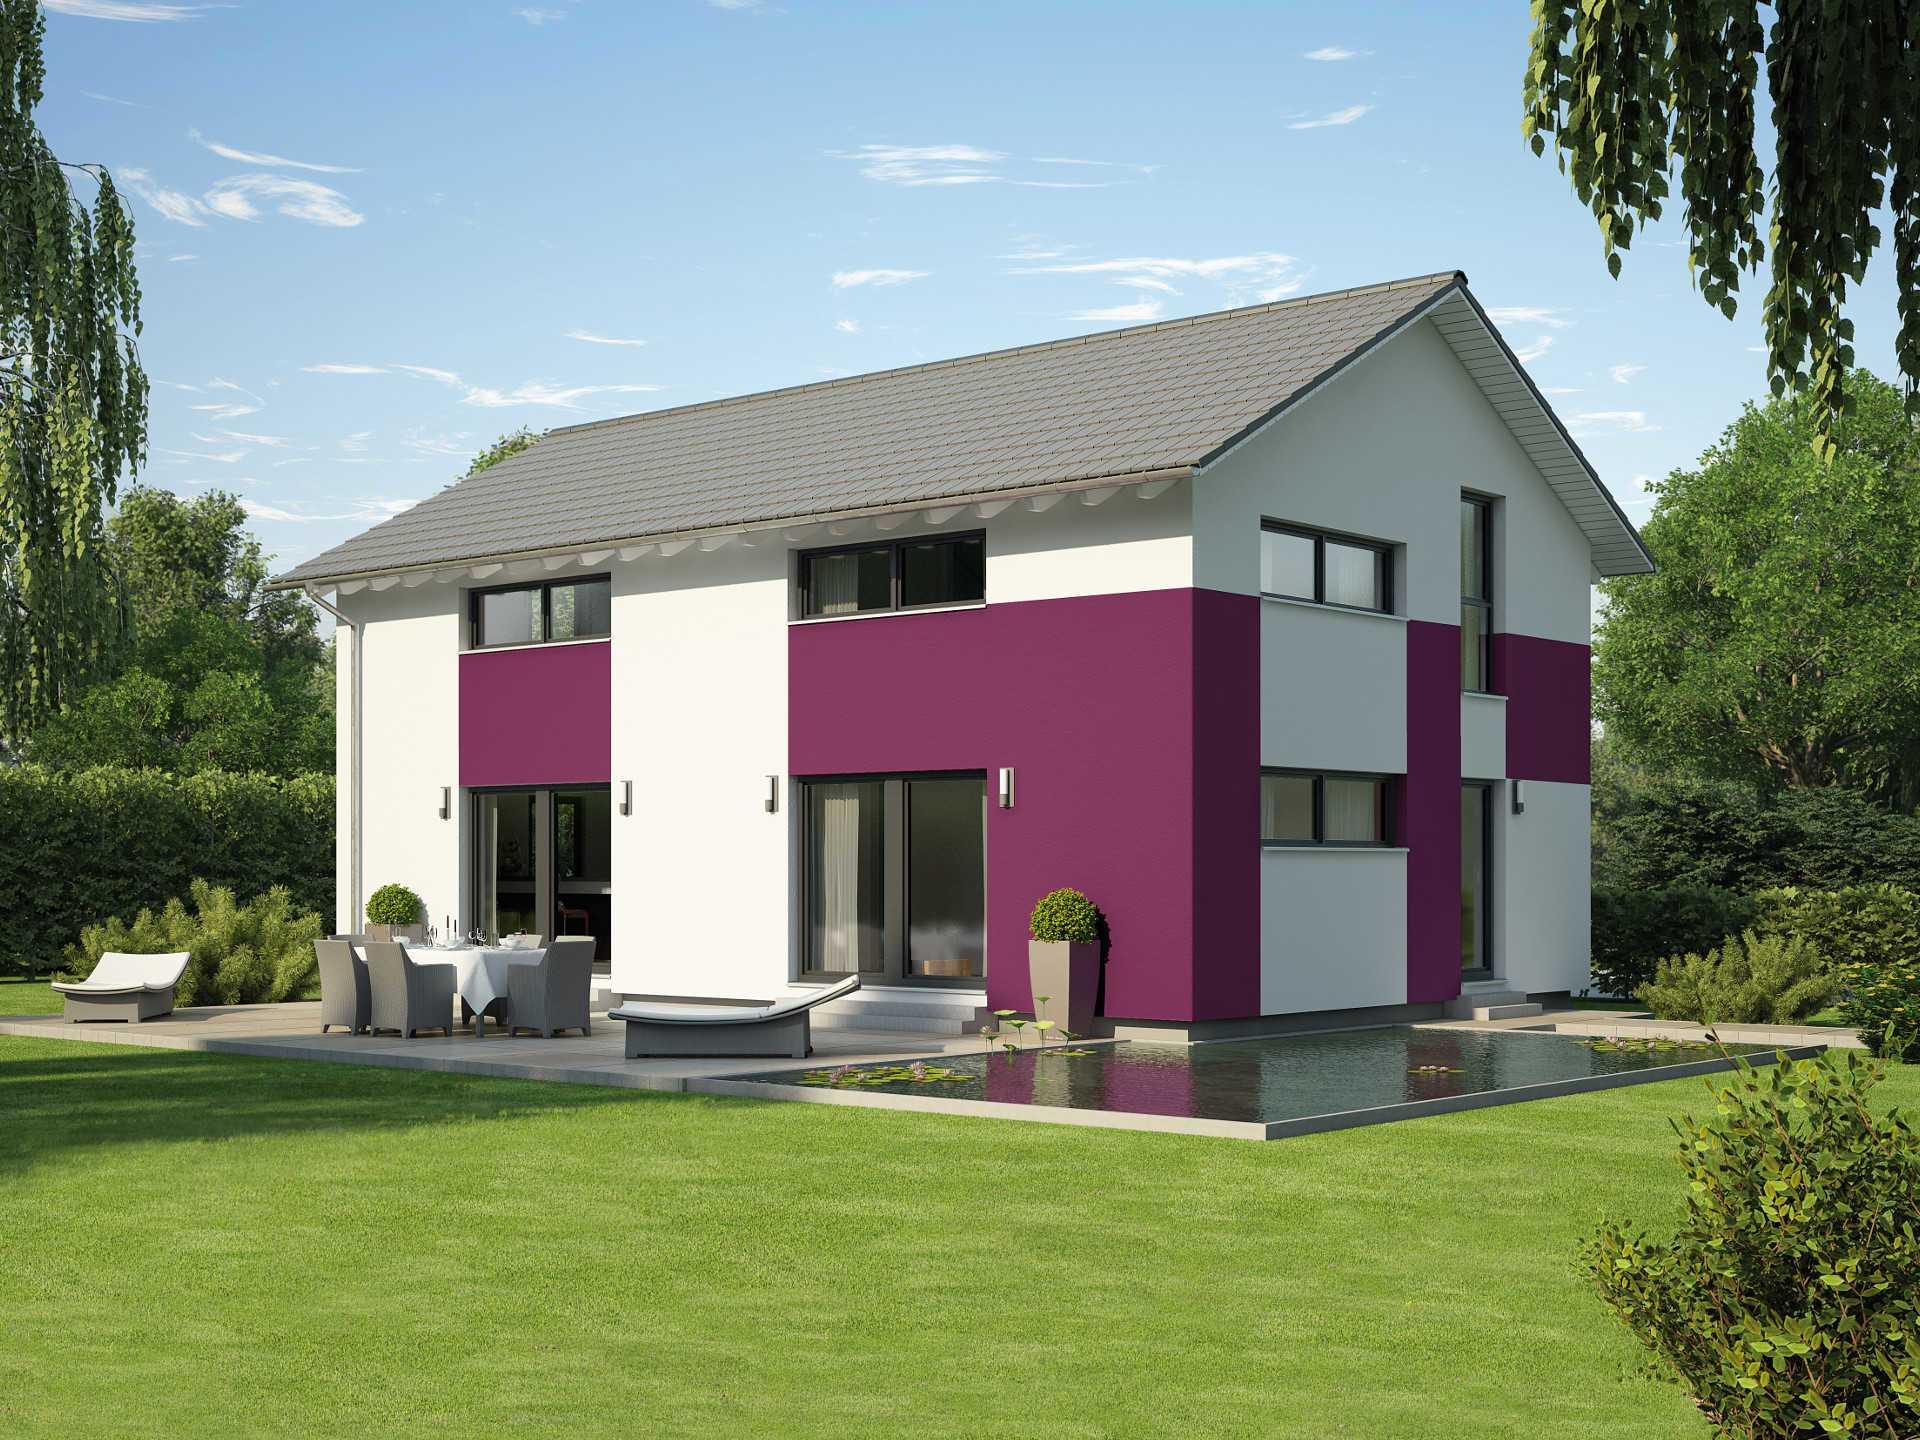 Hausentwurf satteldachhaus okal haus for Hausbau moderner baustil